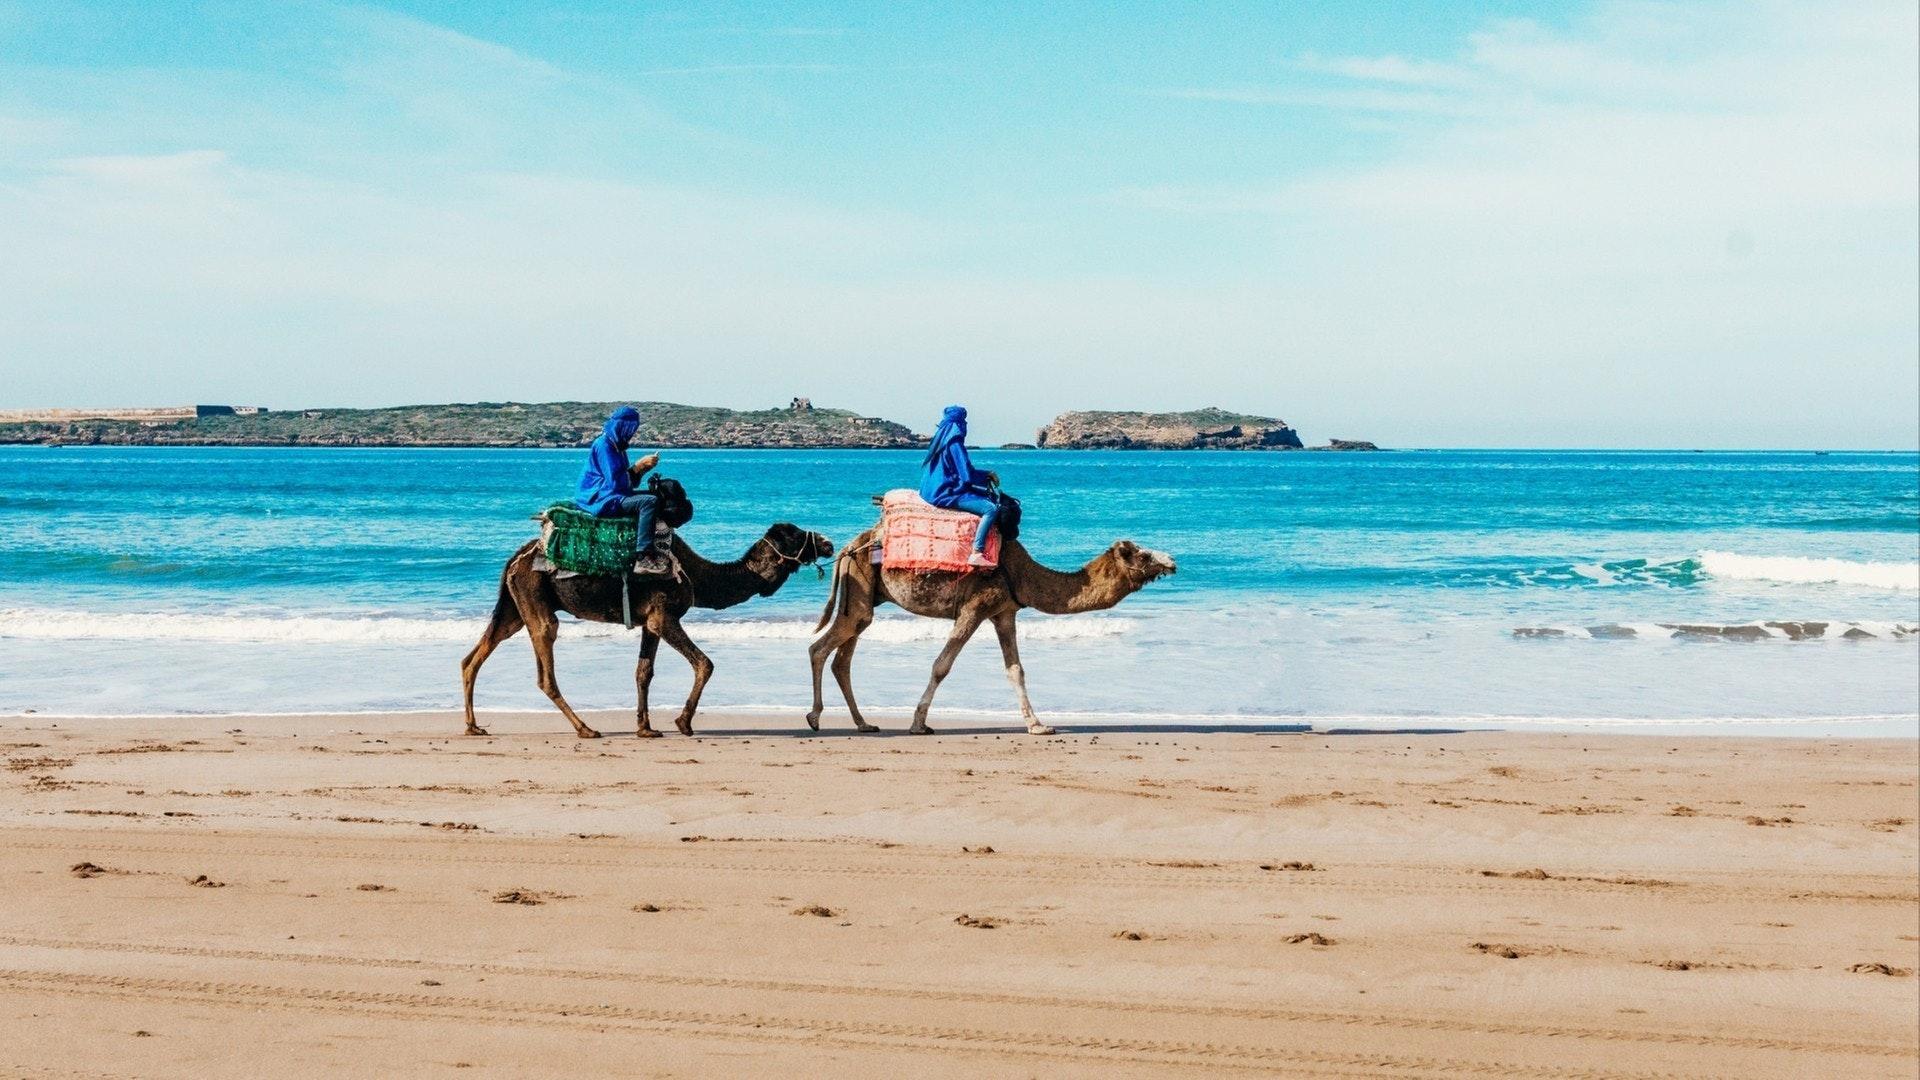 Turistas em camelos na praia